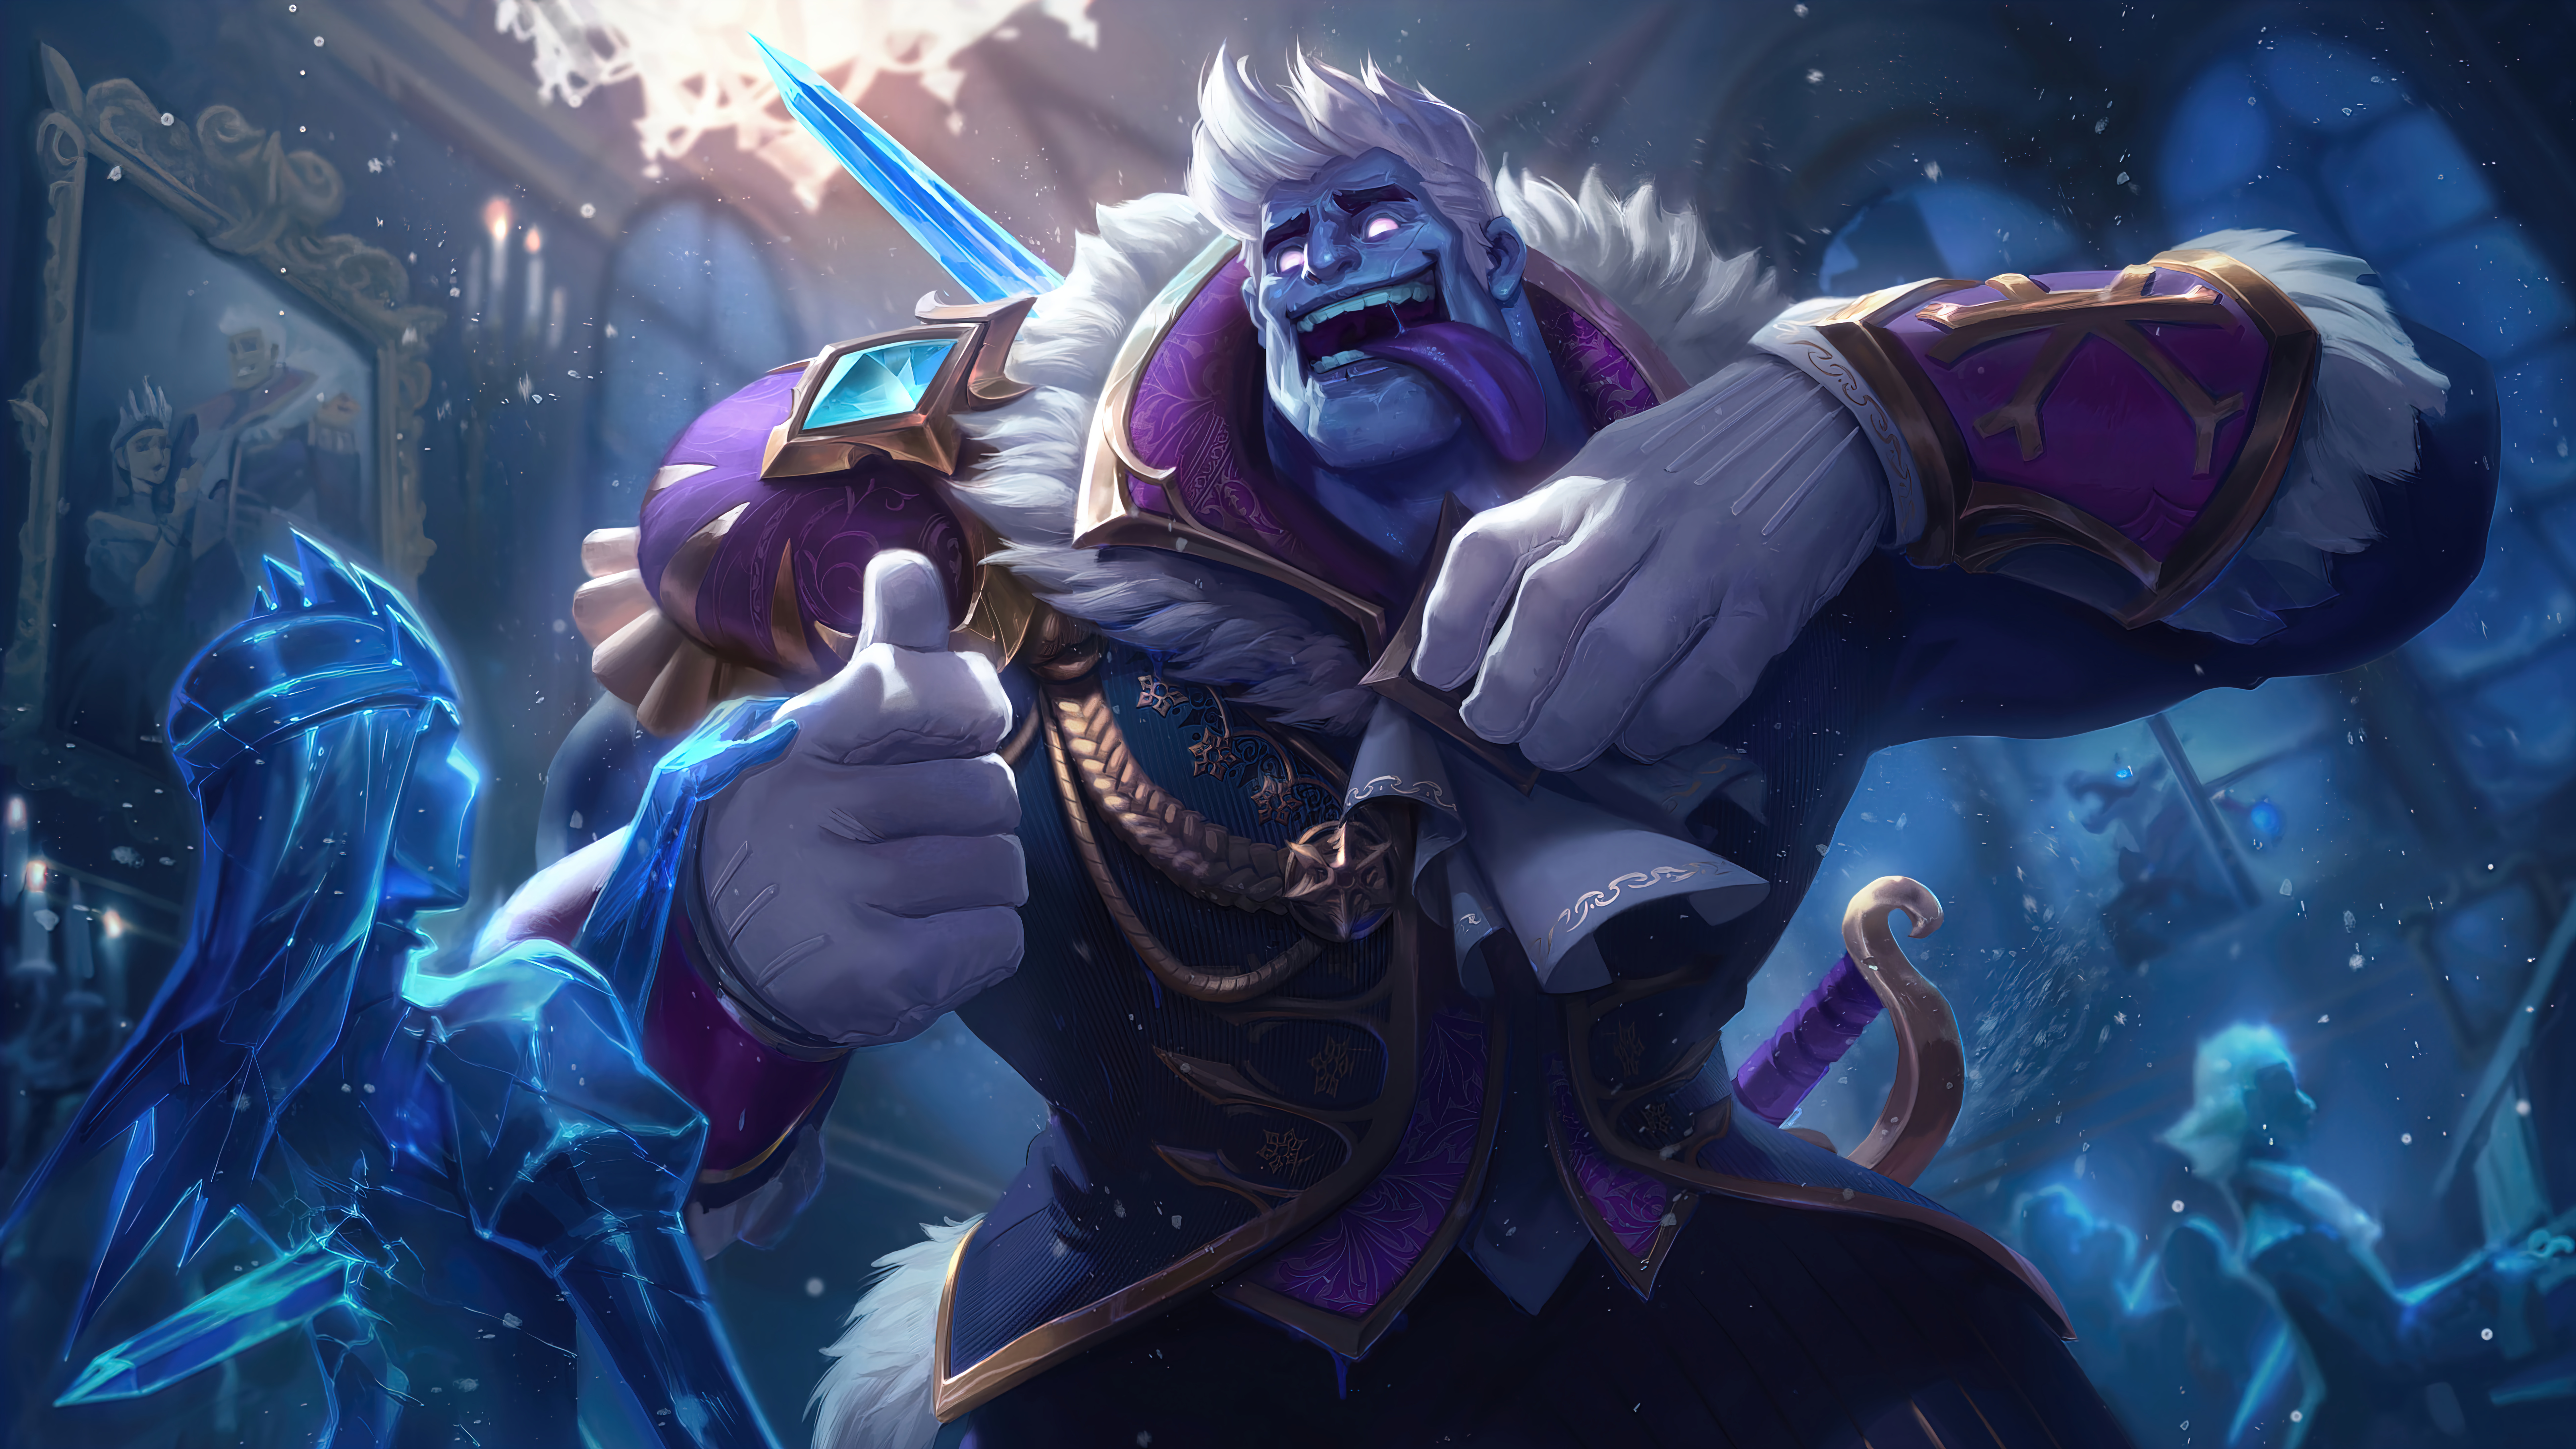 Wallpaper Frozen Prince Dr Mundo League of Legends